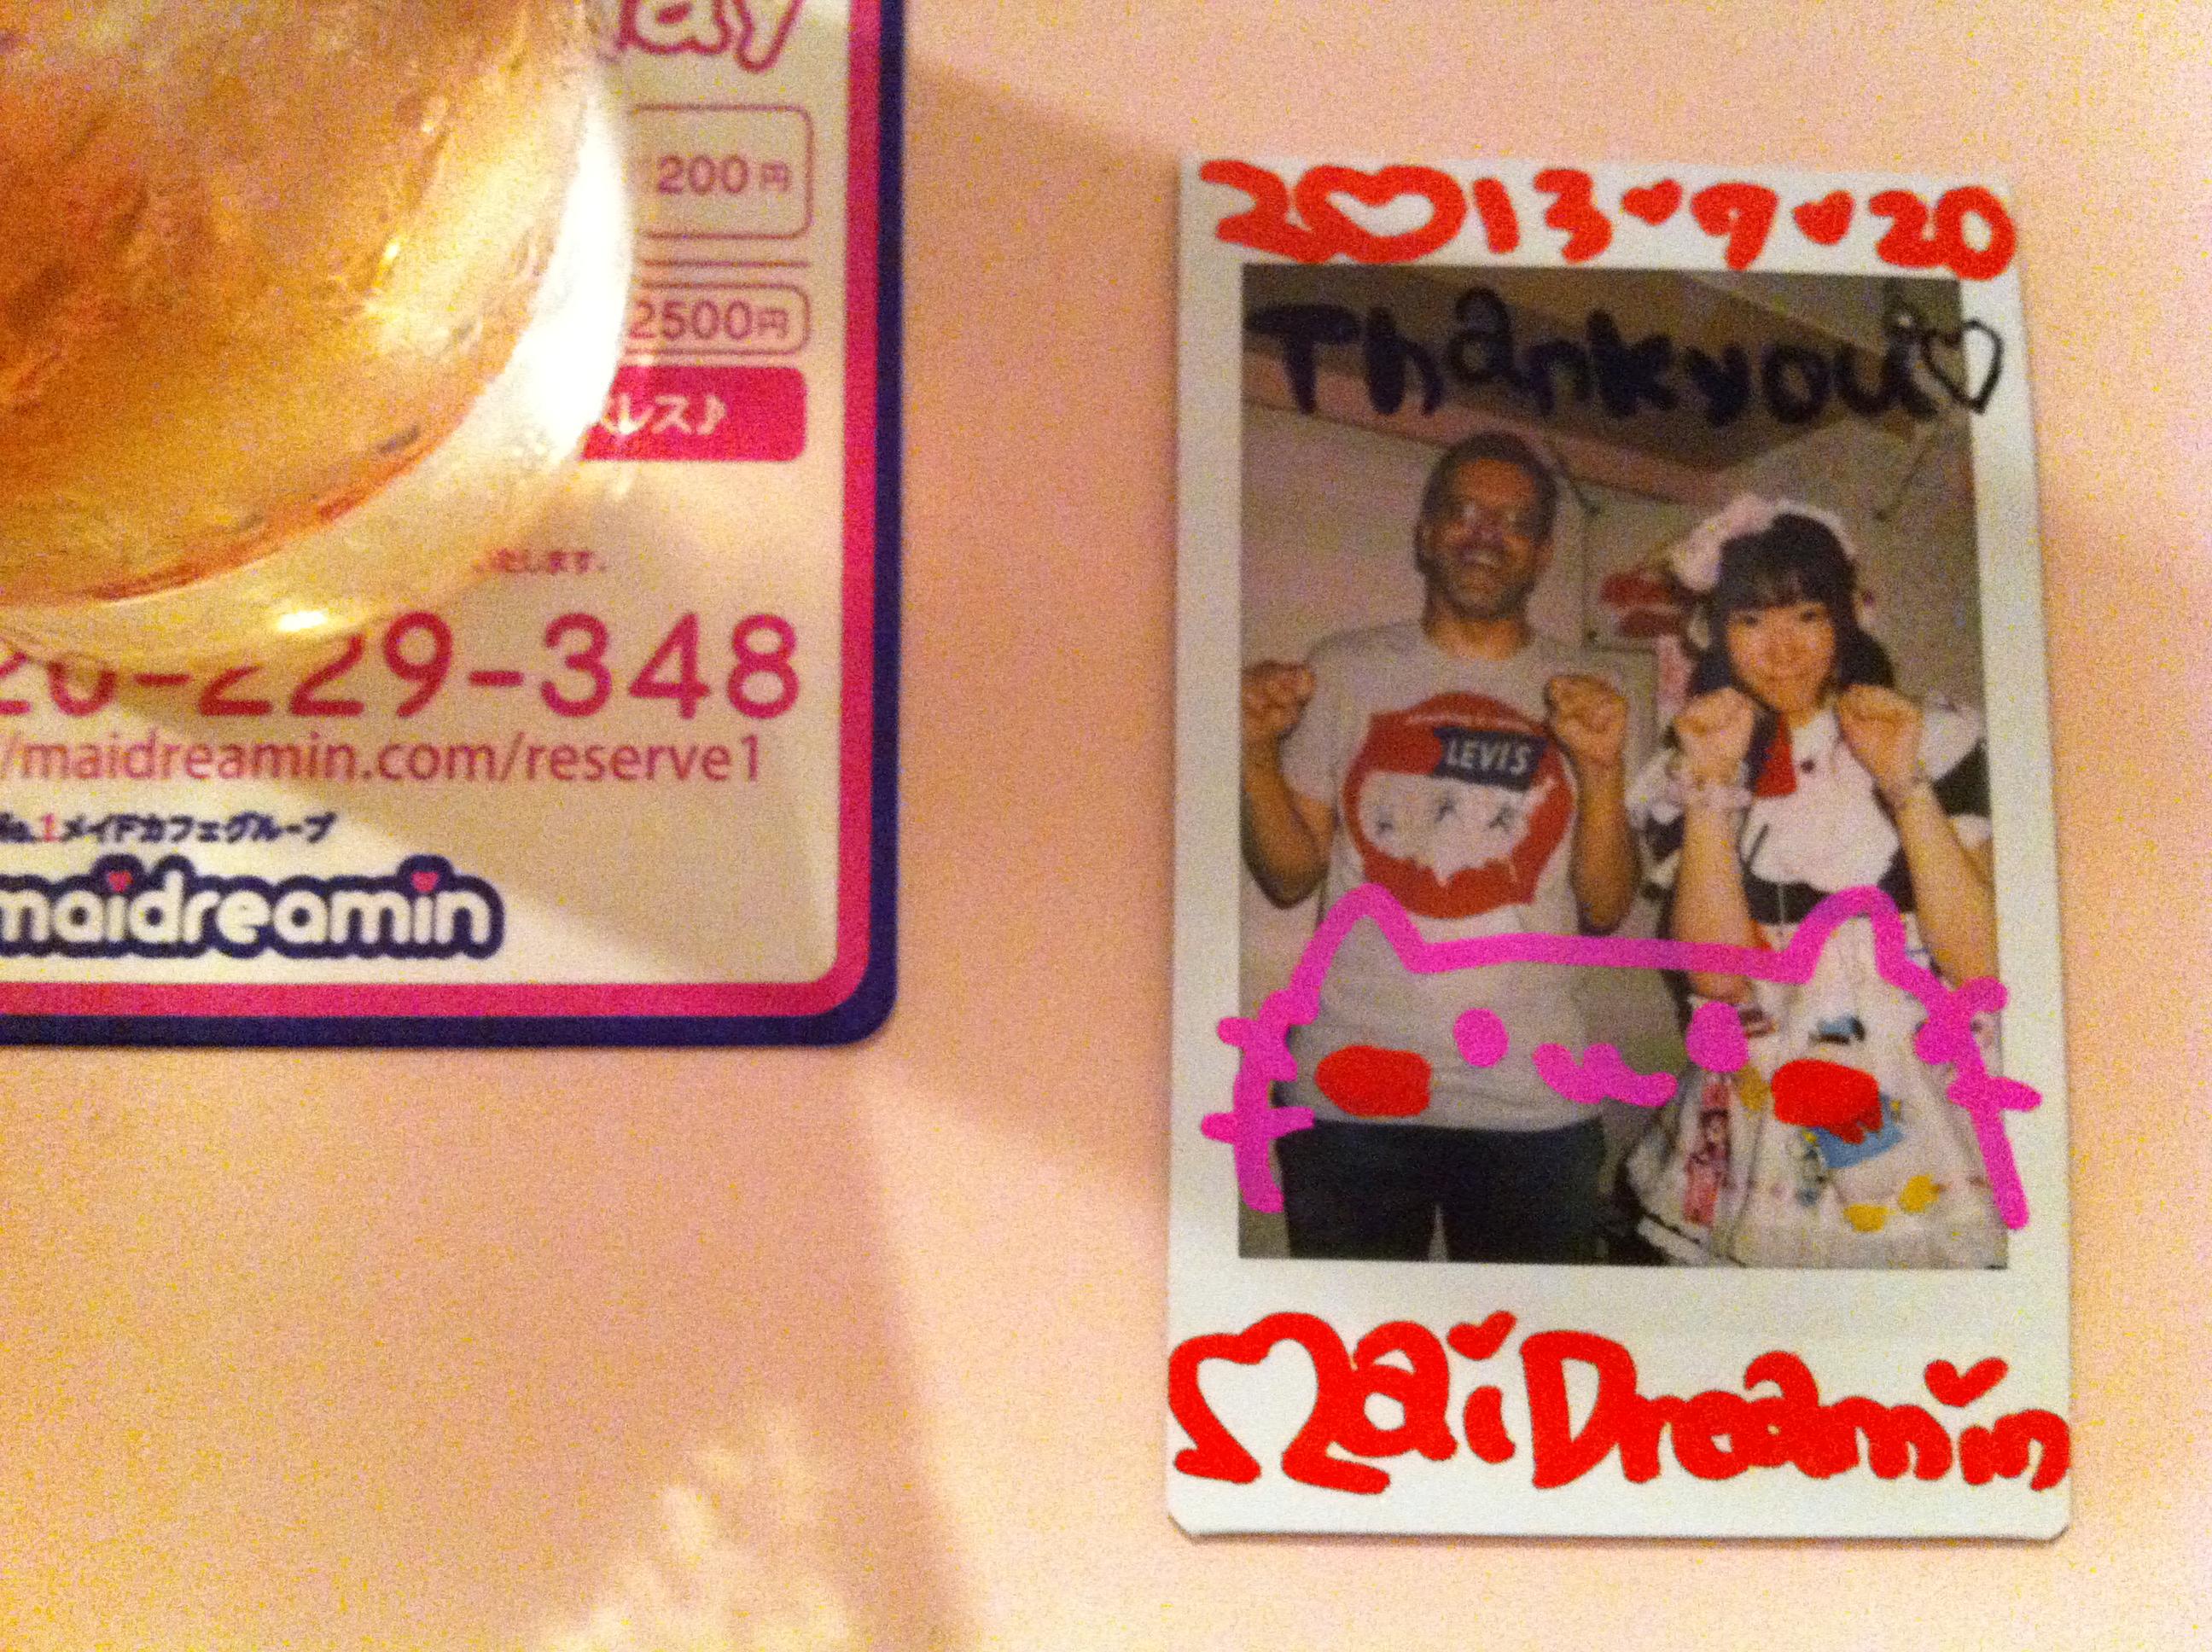 Maid café at Akihabara